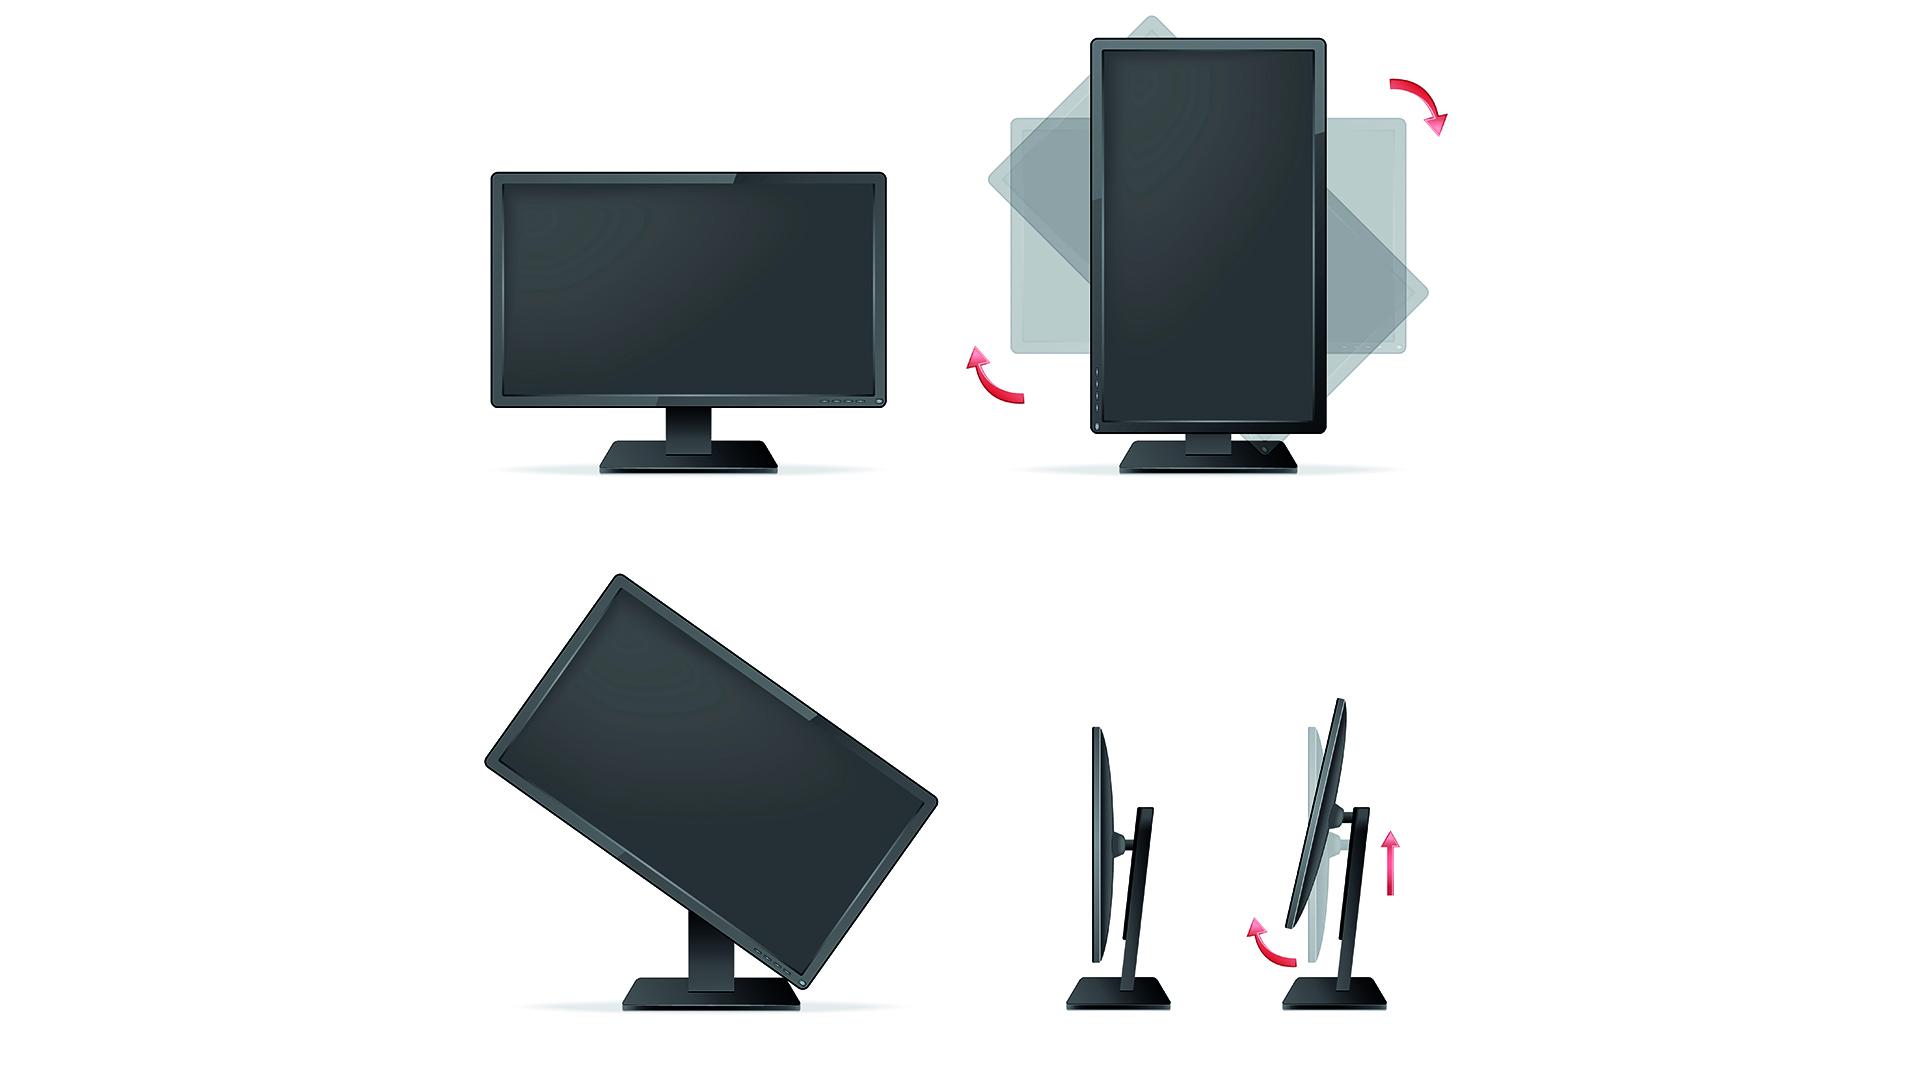 Pivot Monitor